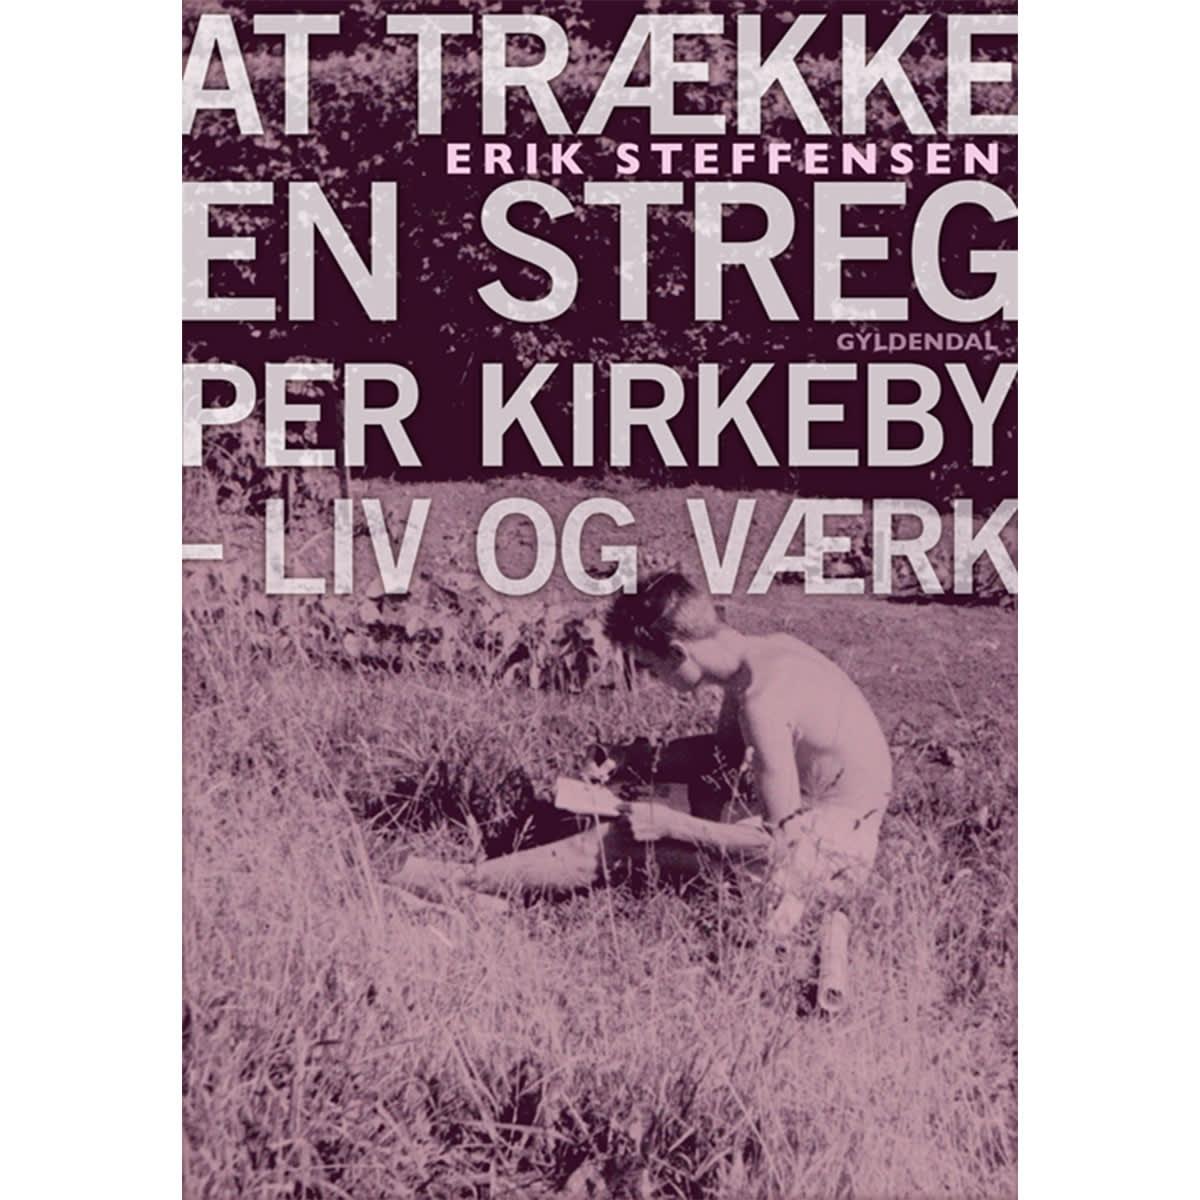 Af Erik Steffensen